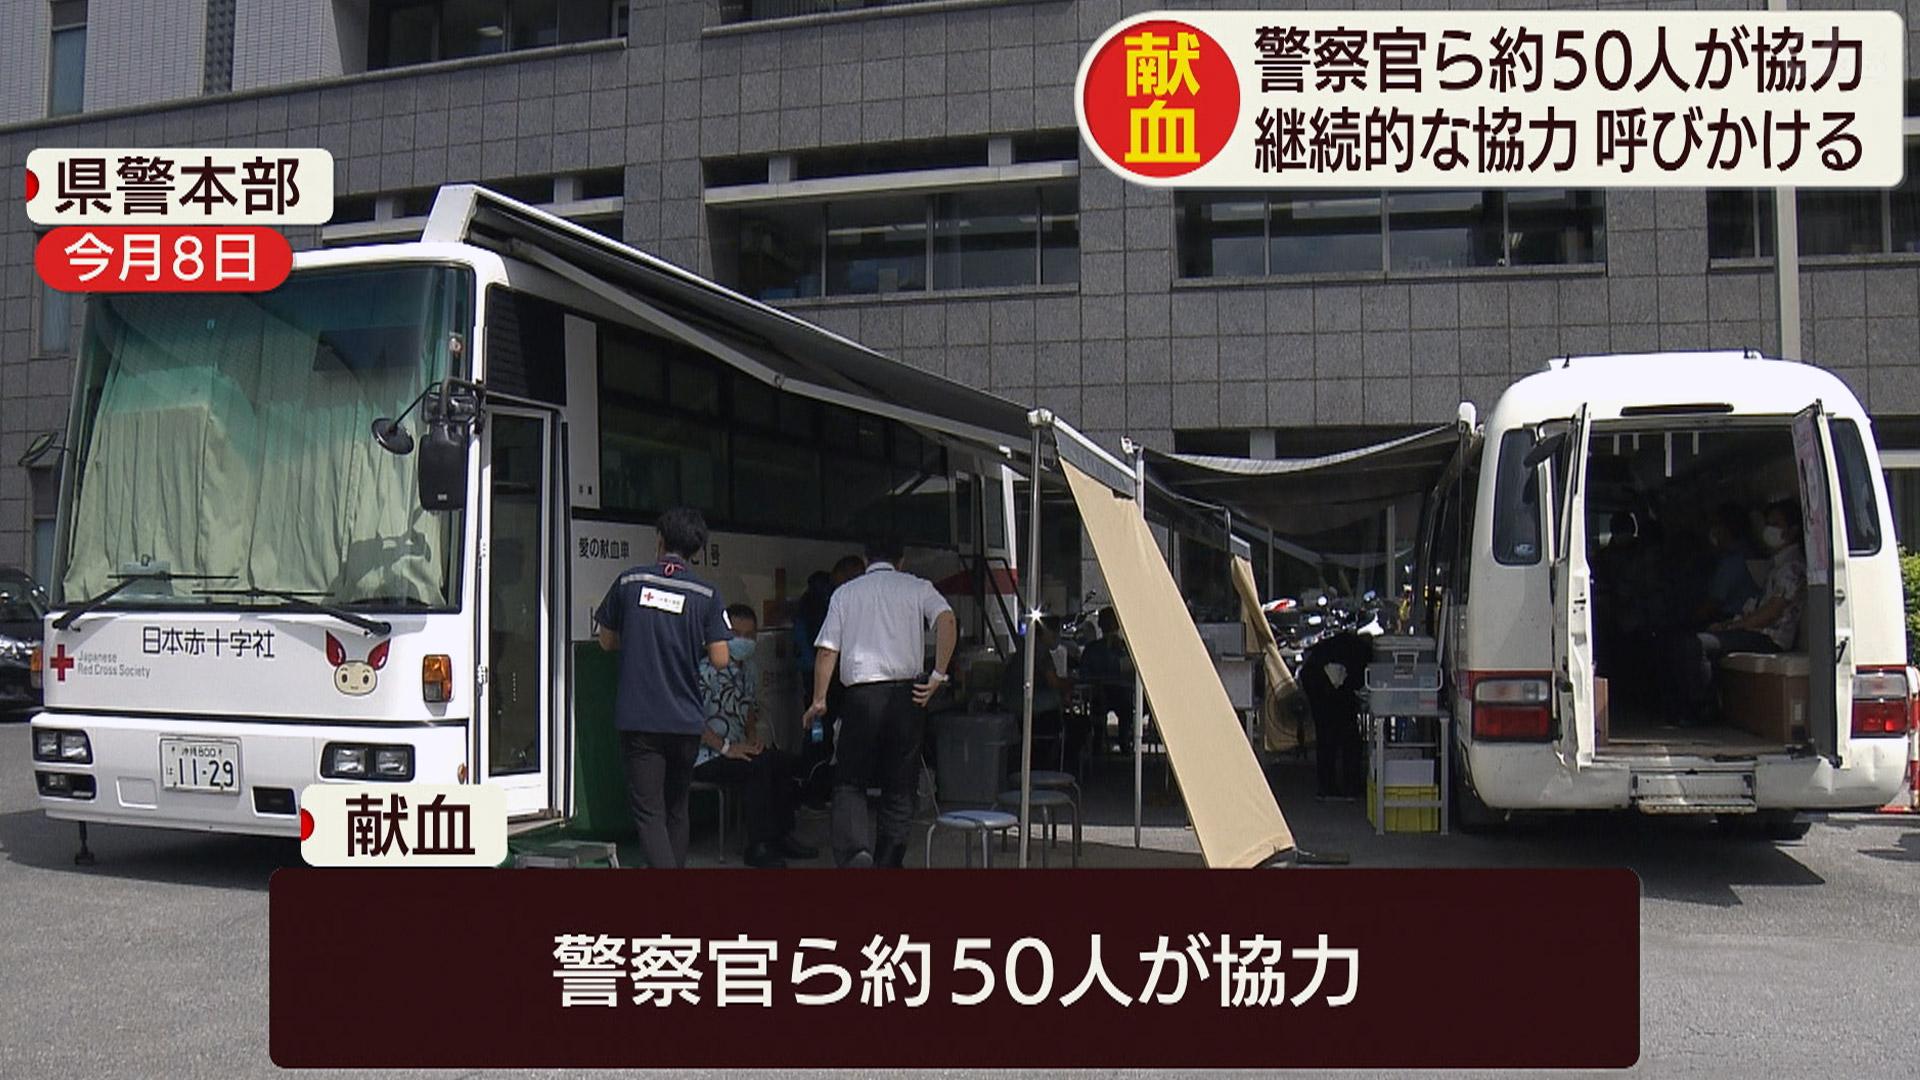 警察官ら50人が献血に協力